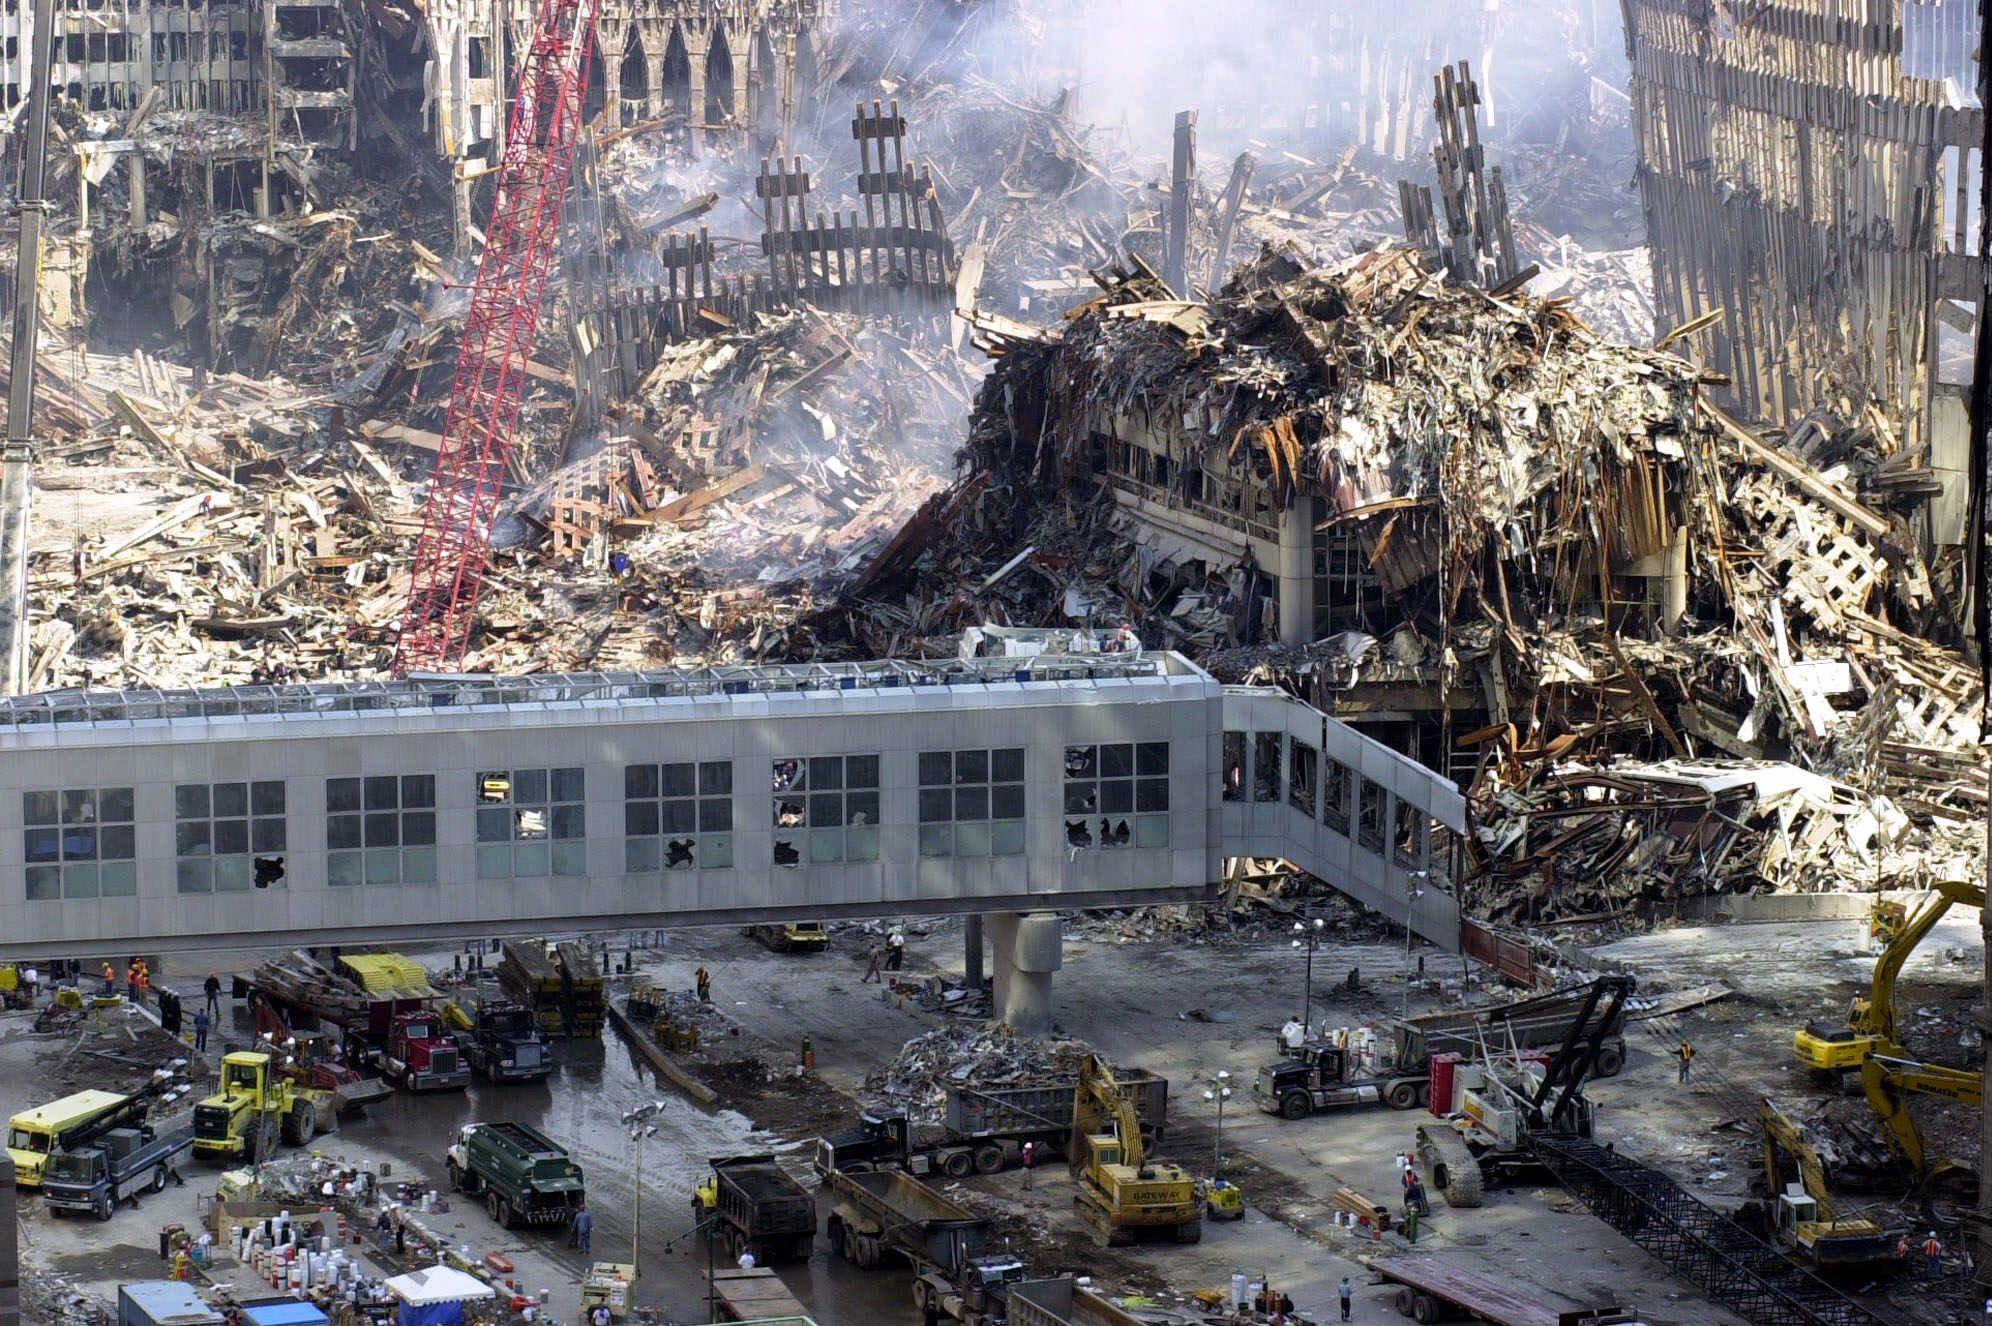 debris 9/11